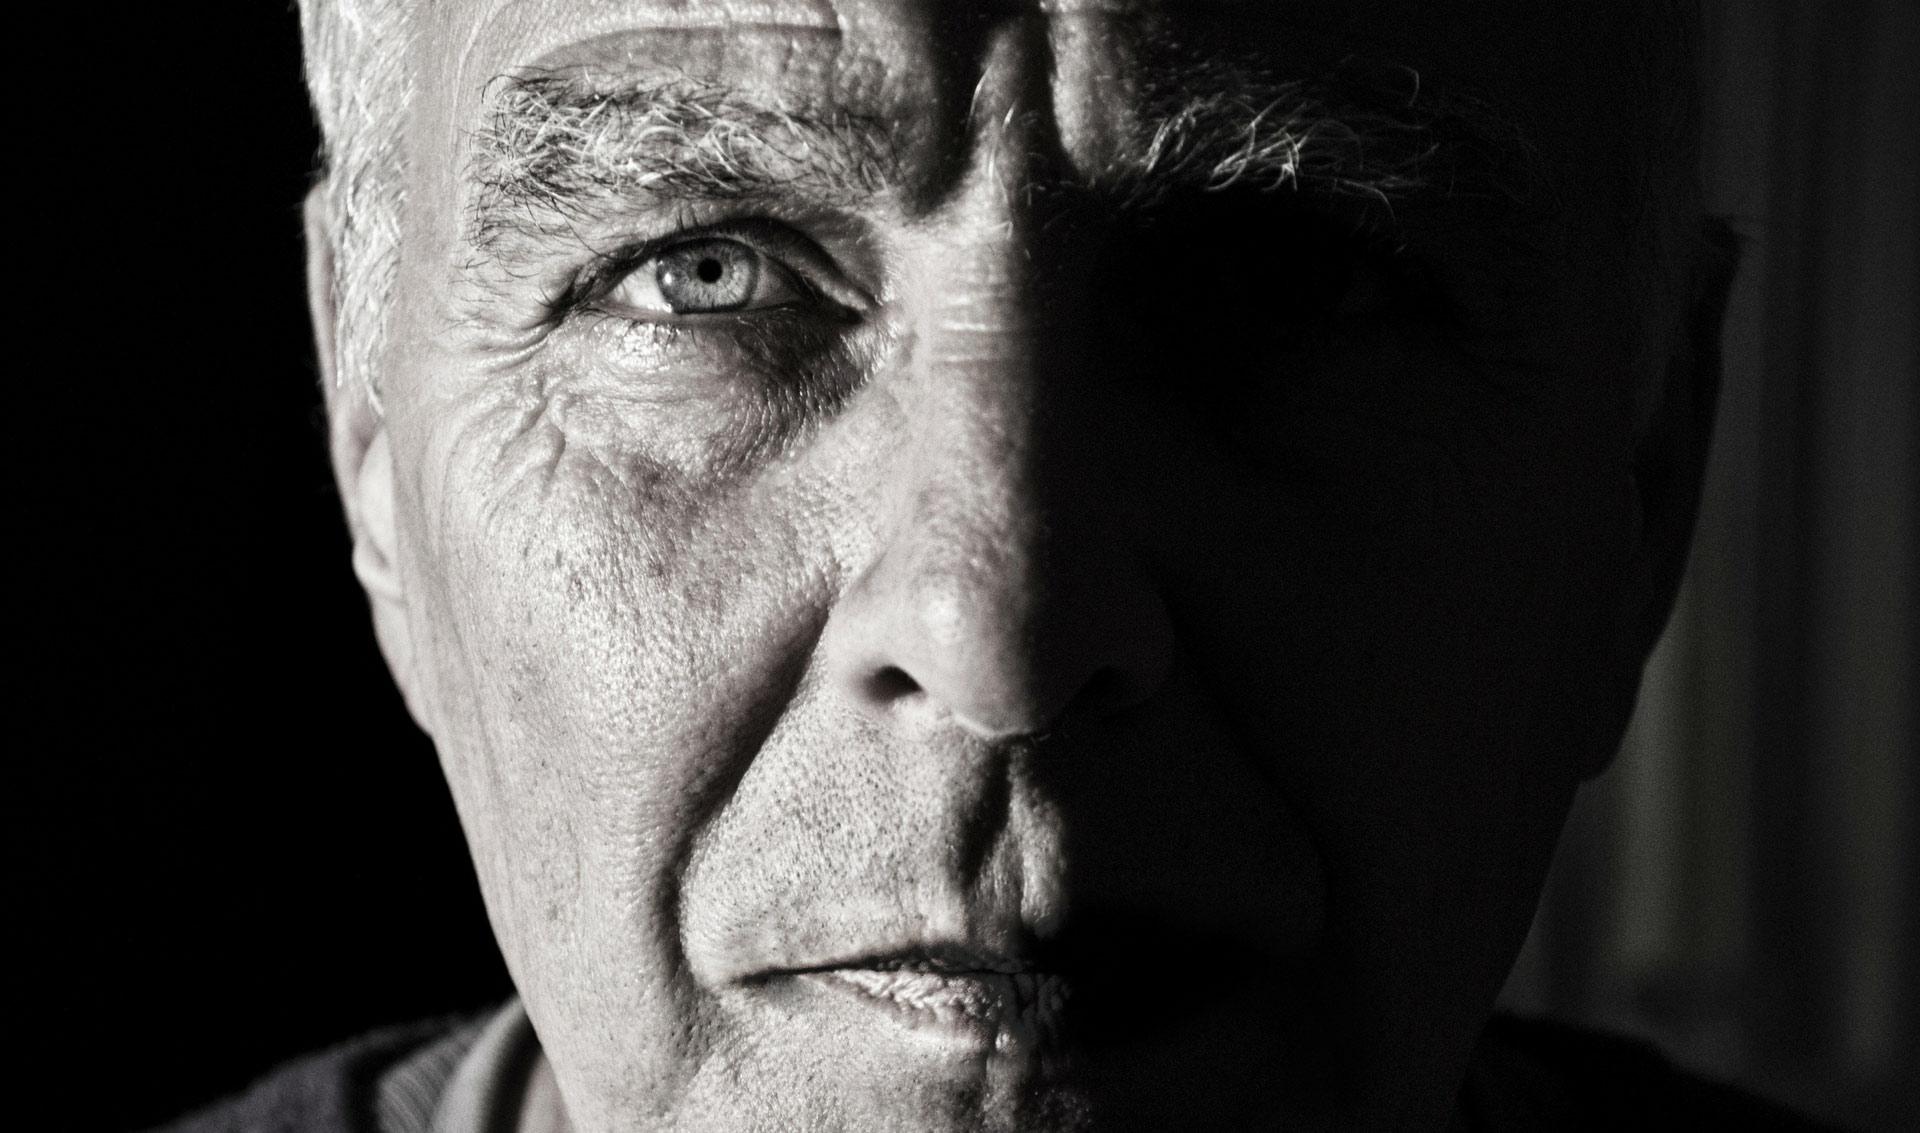 Qué son los tumores palpebrales y su tratamiento